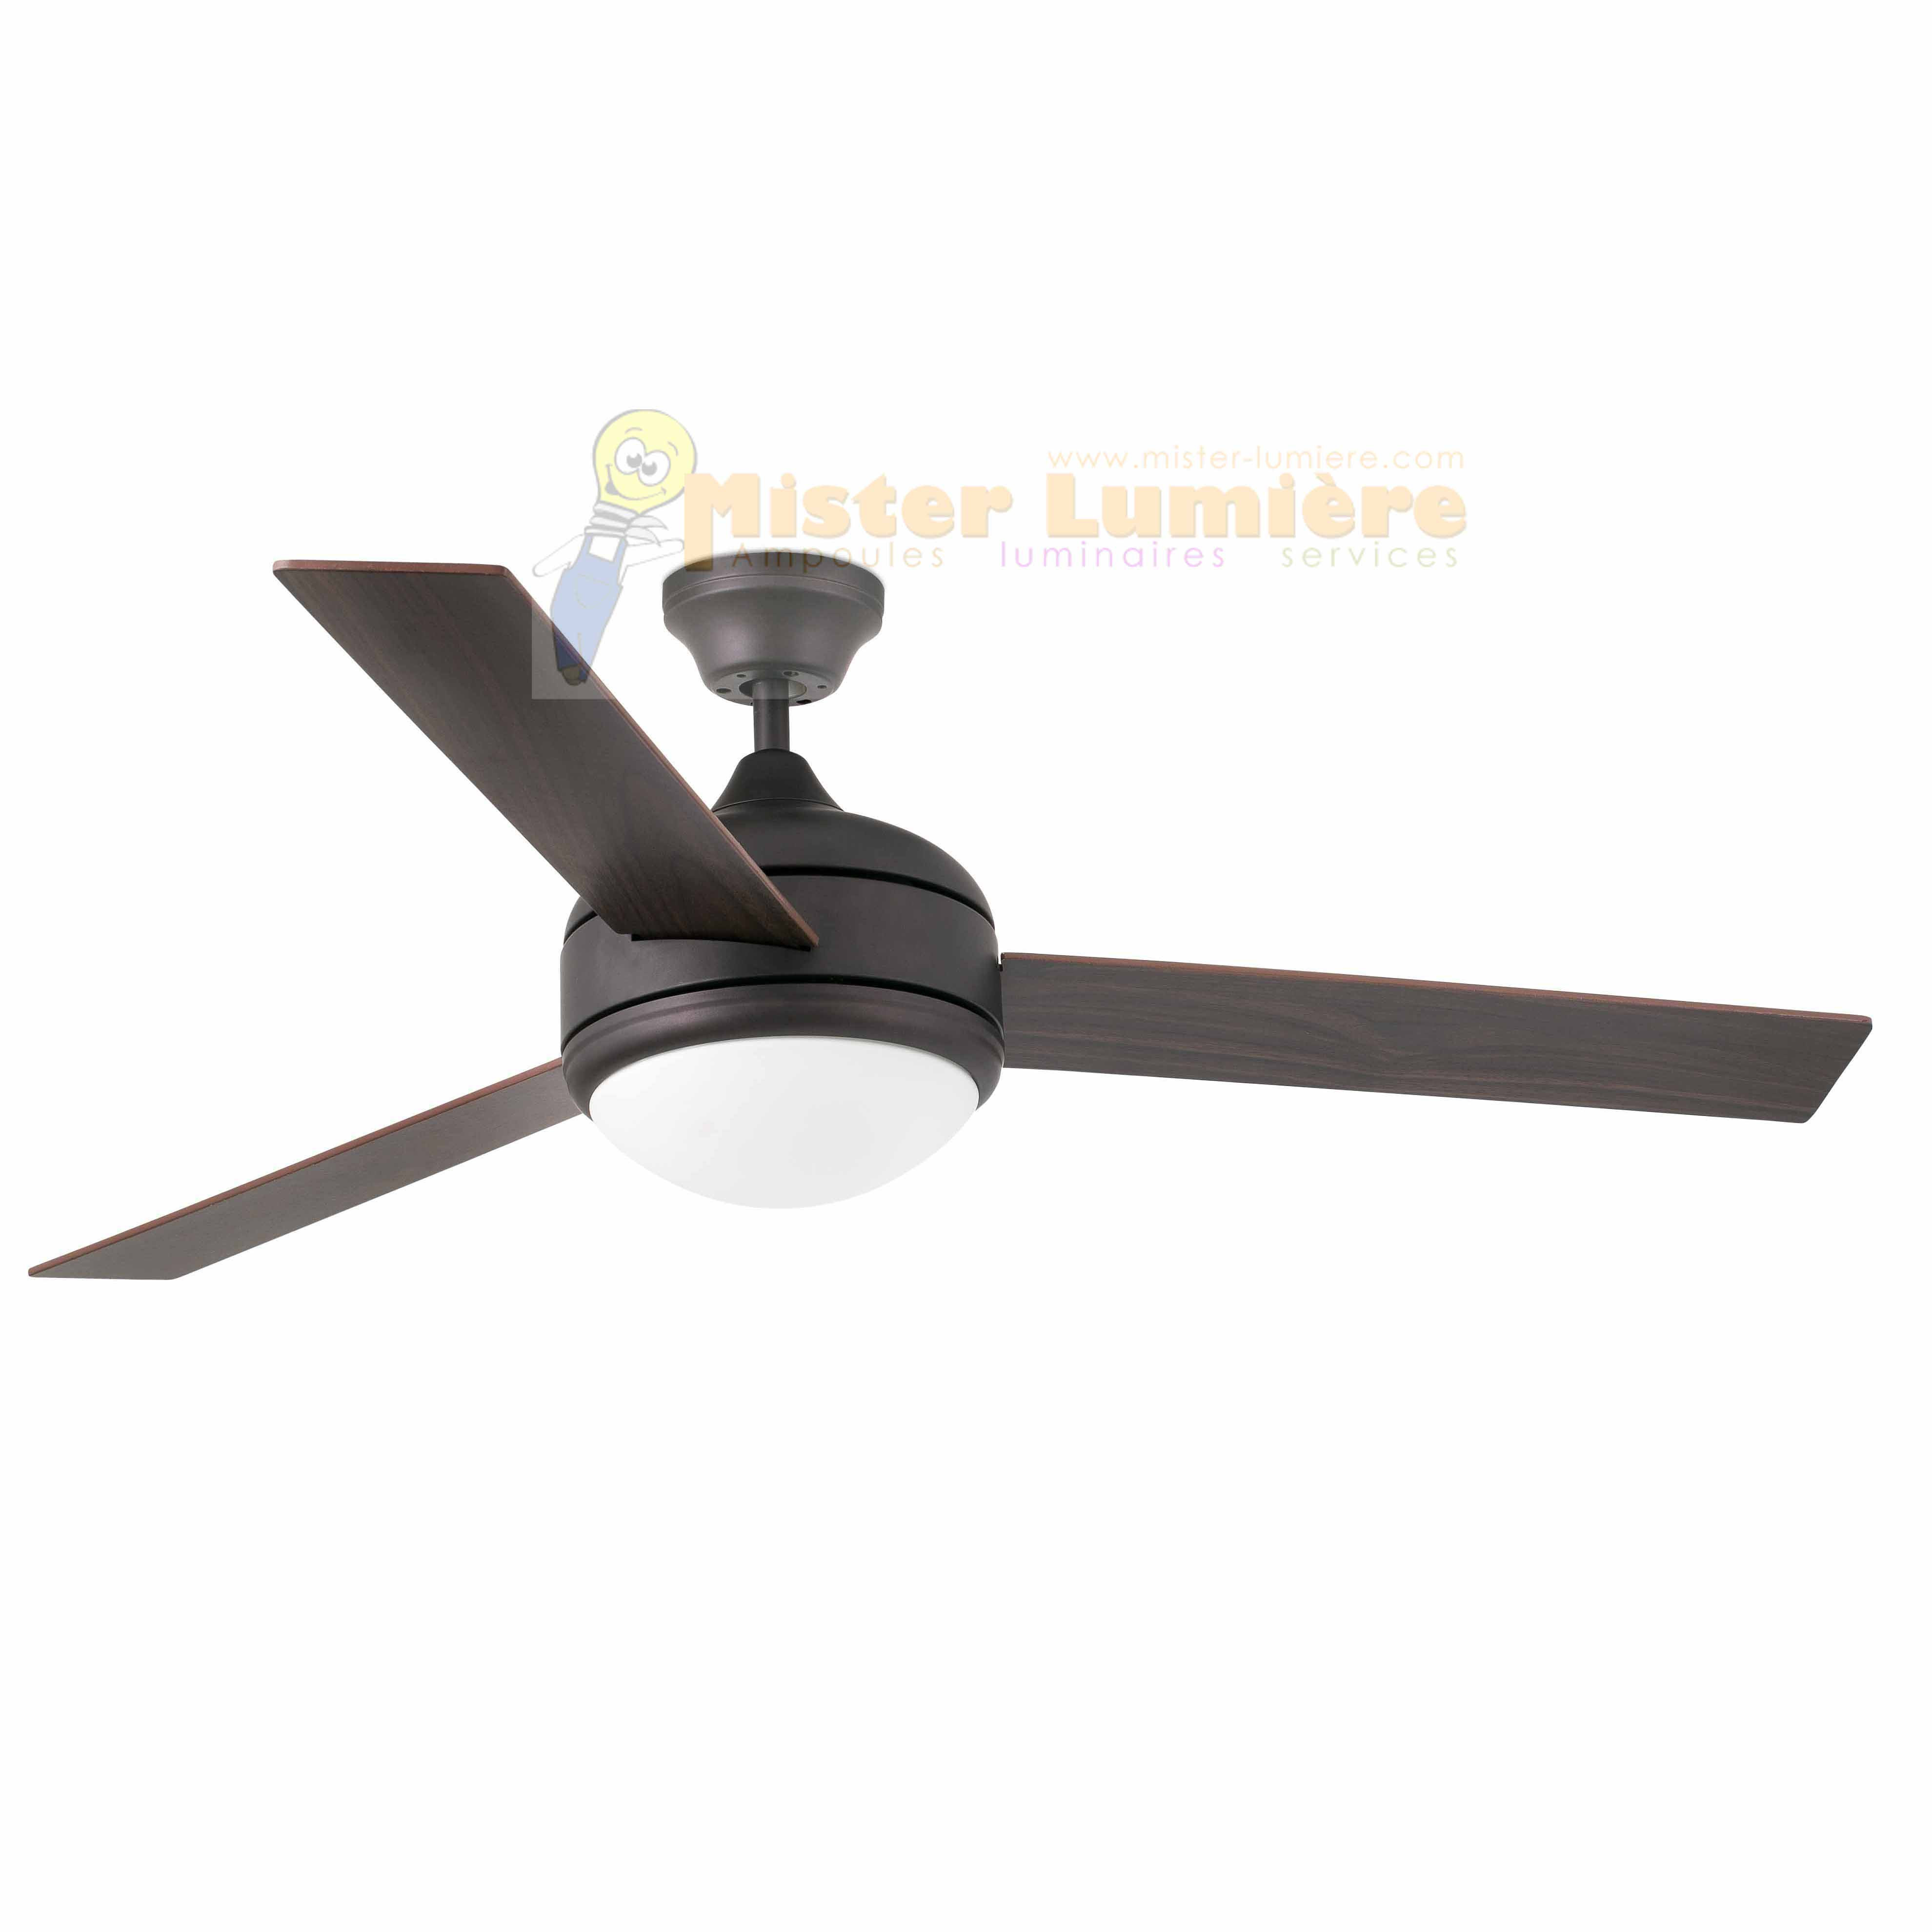 ventilateur de plafond lumineux JAVA marron 3 pales révérsibles